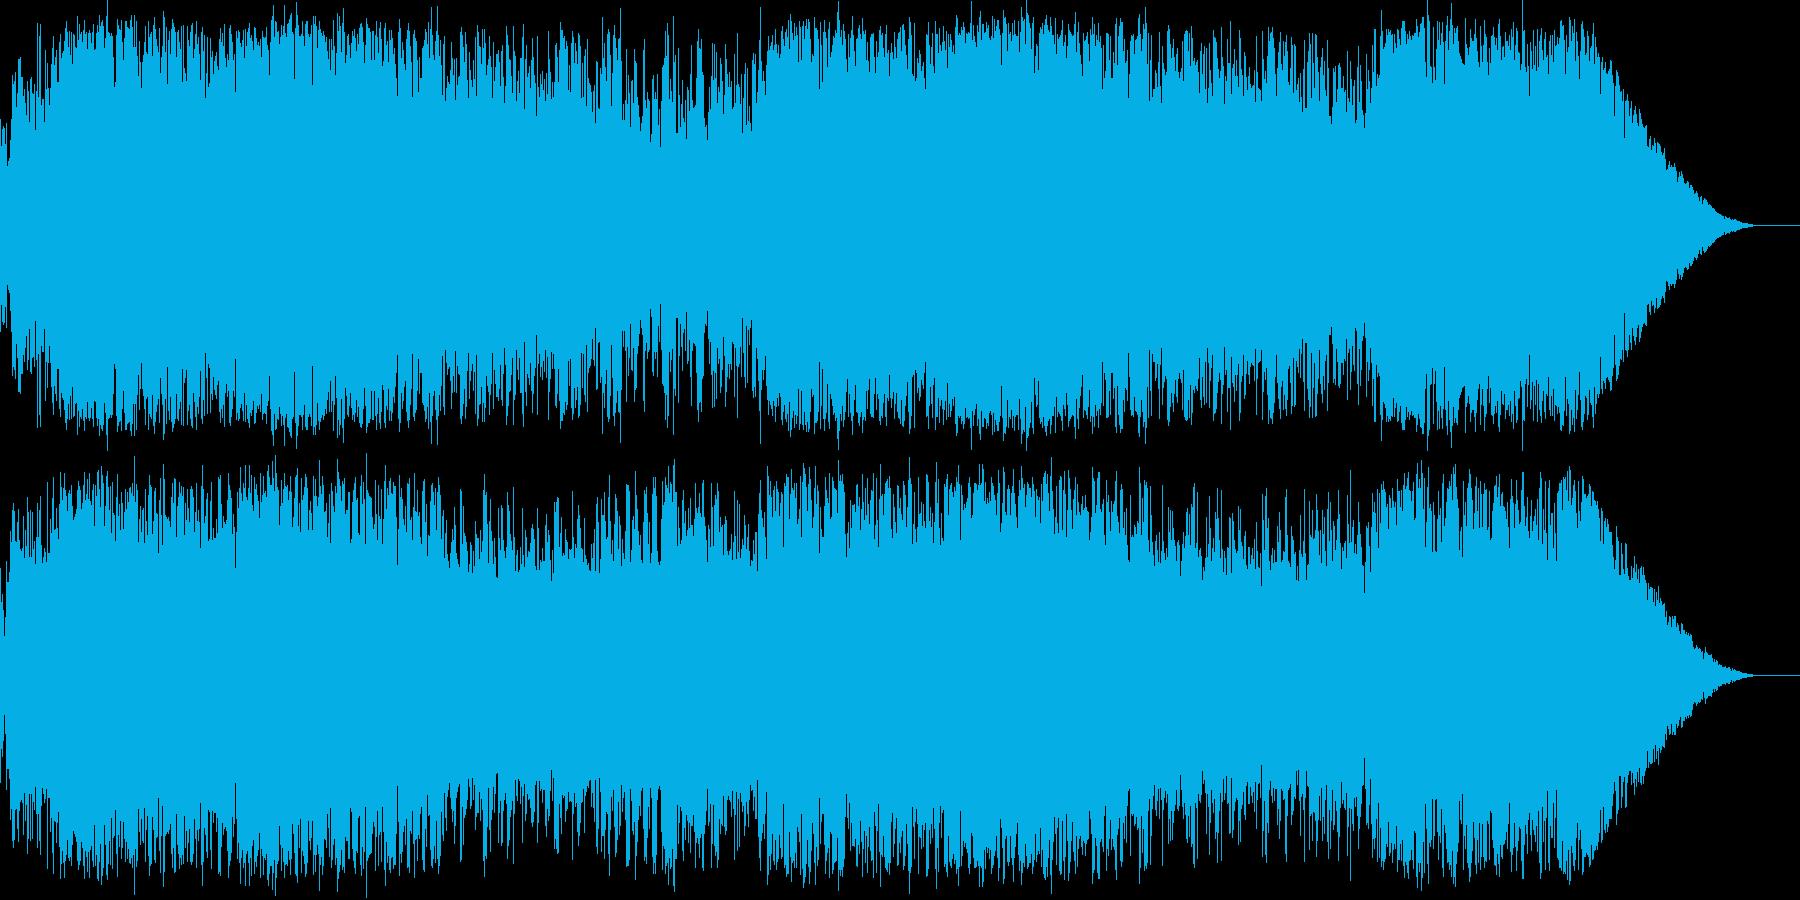 戦士の登場シーン エレキで派手な雰囲気の再生済みの波形